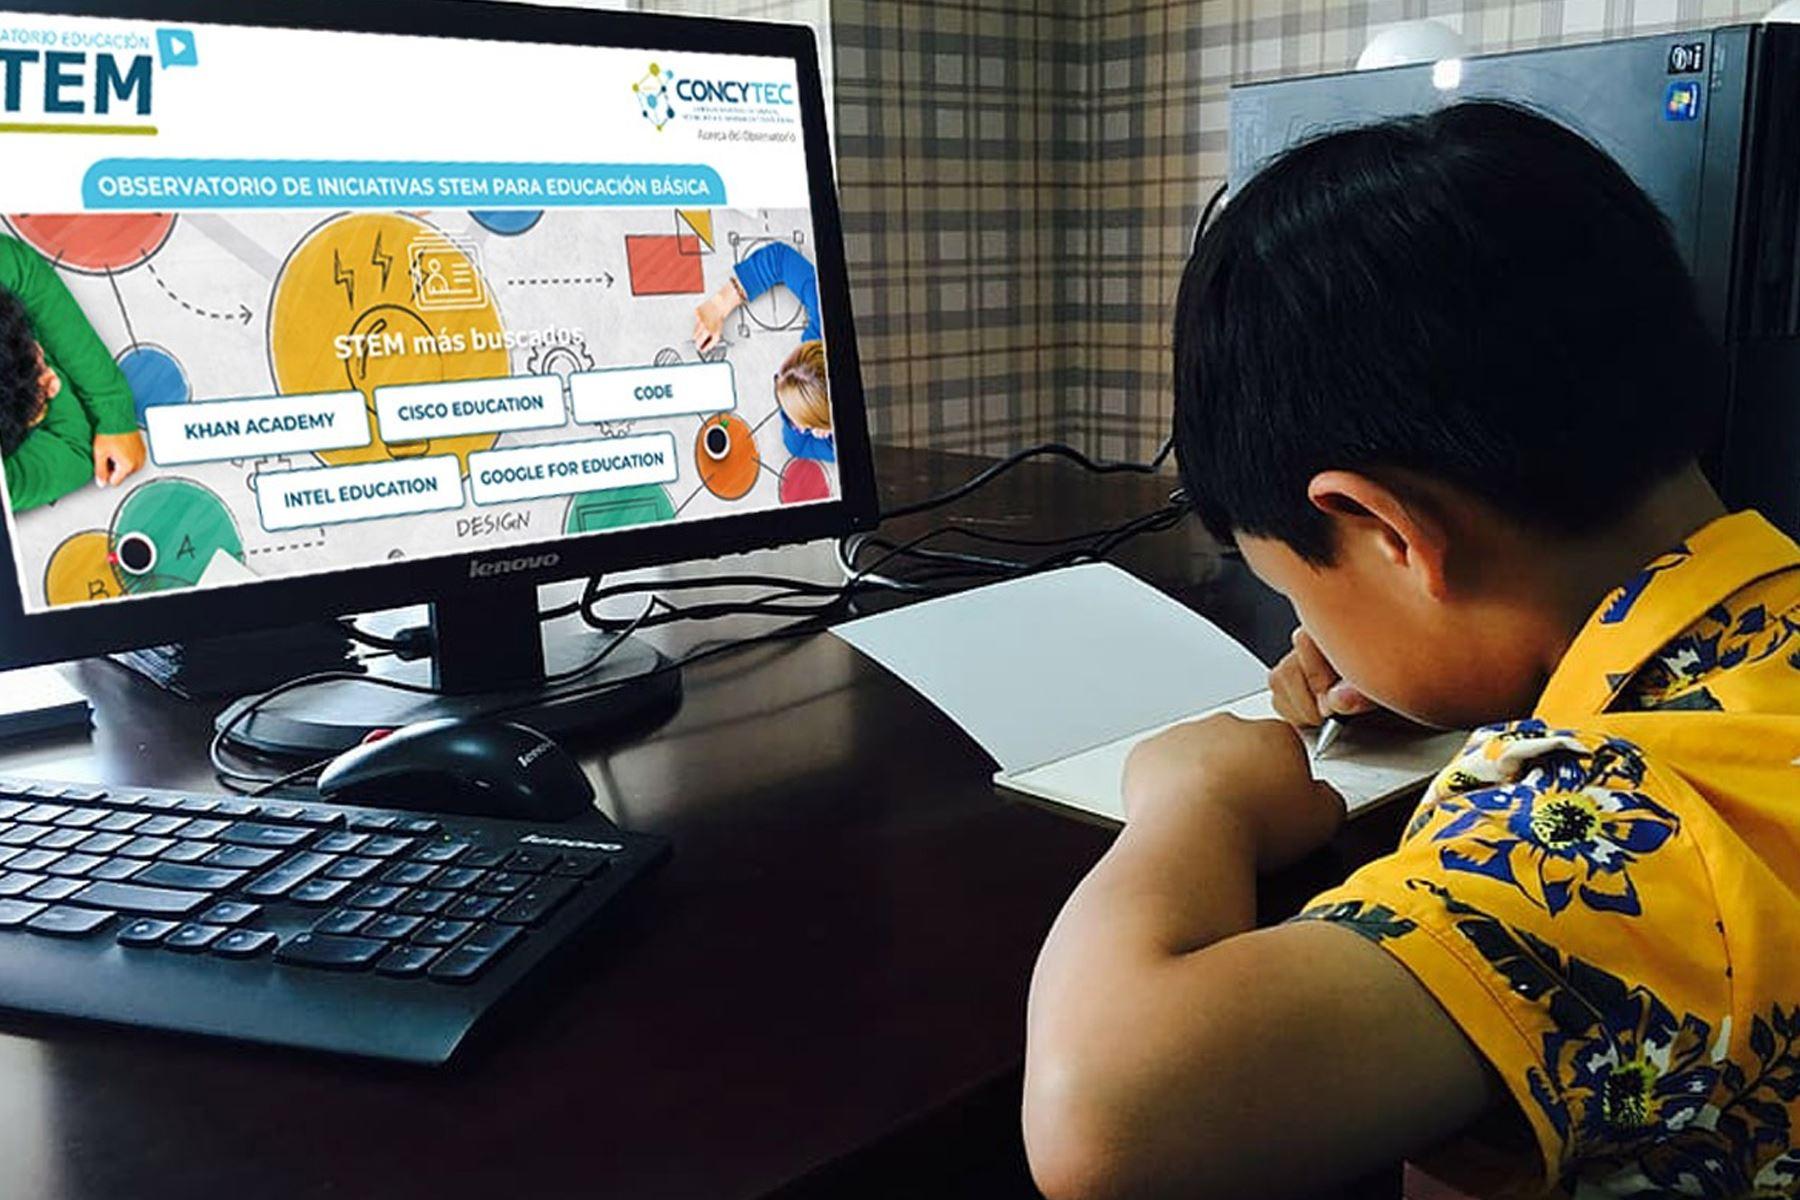 Concytec contará con la alianza estratégica con la ONG Construir Futuro y con la plataforma de educación a distancia Science Bits